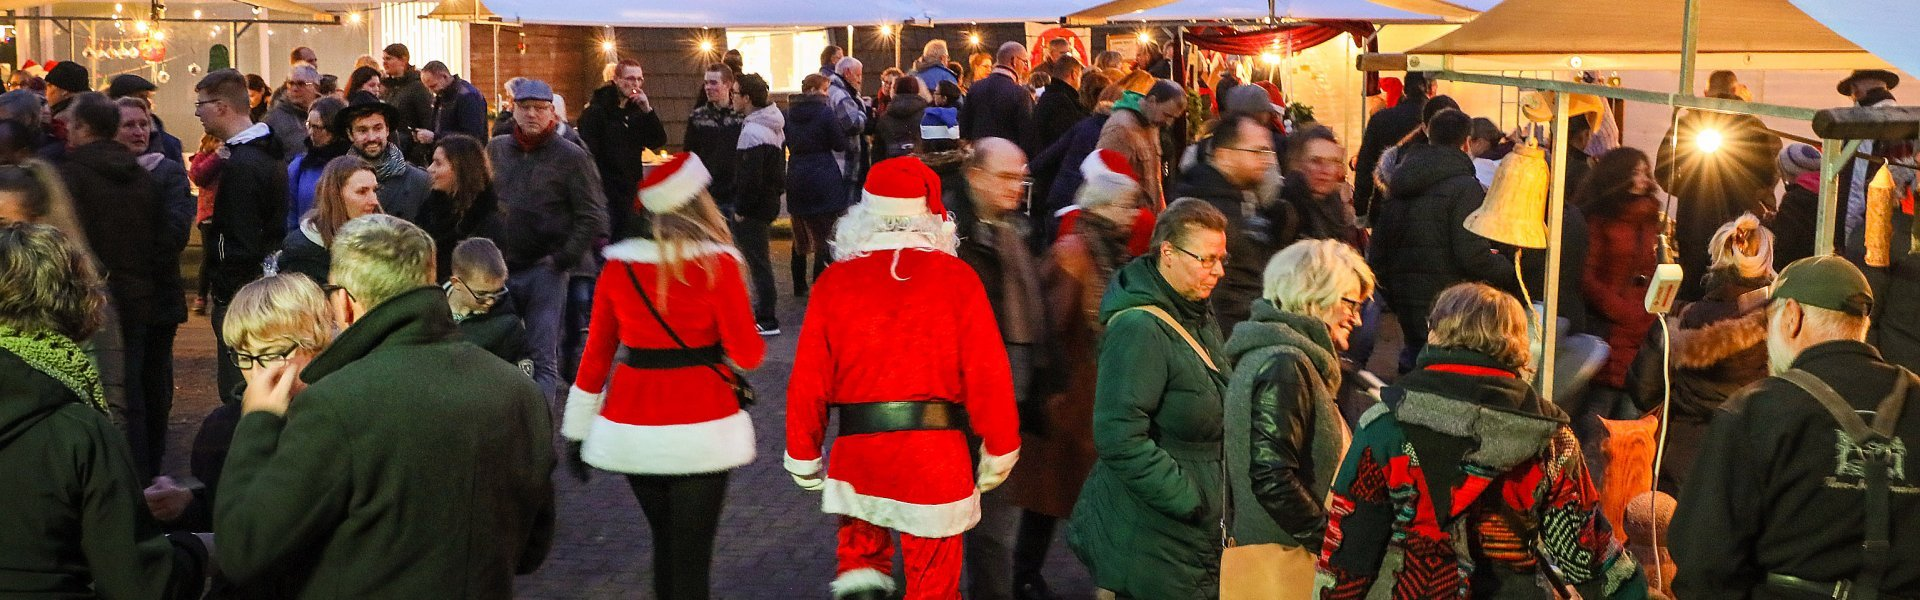 Persbericht kerstmarkt 1.jpg